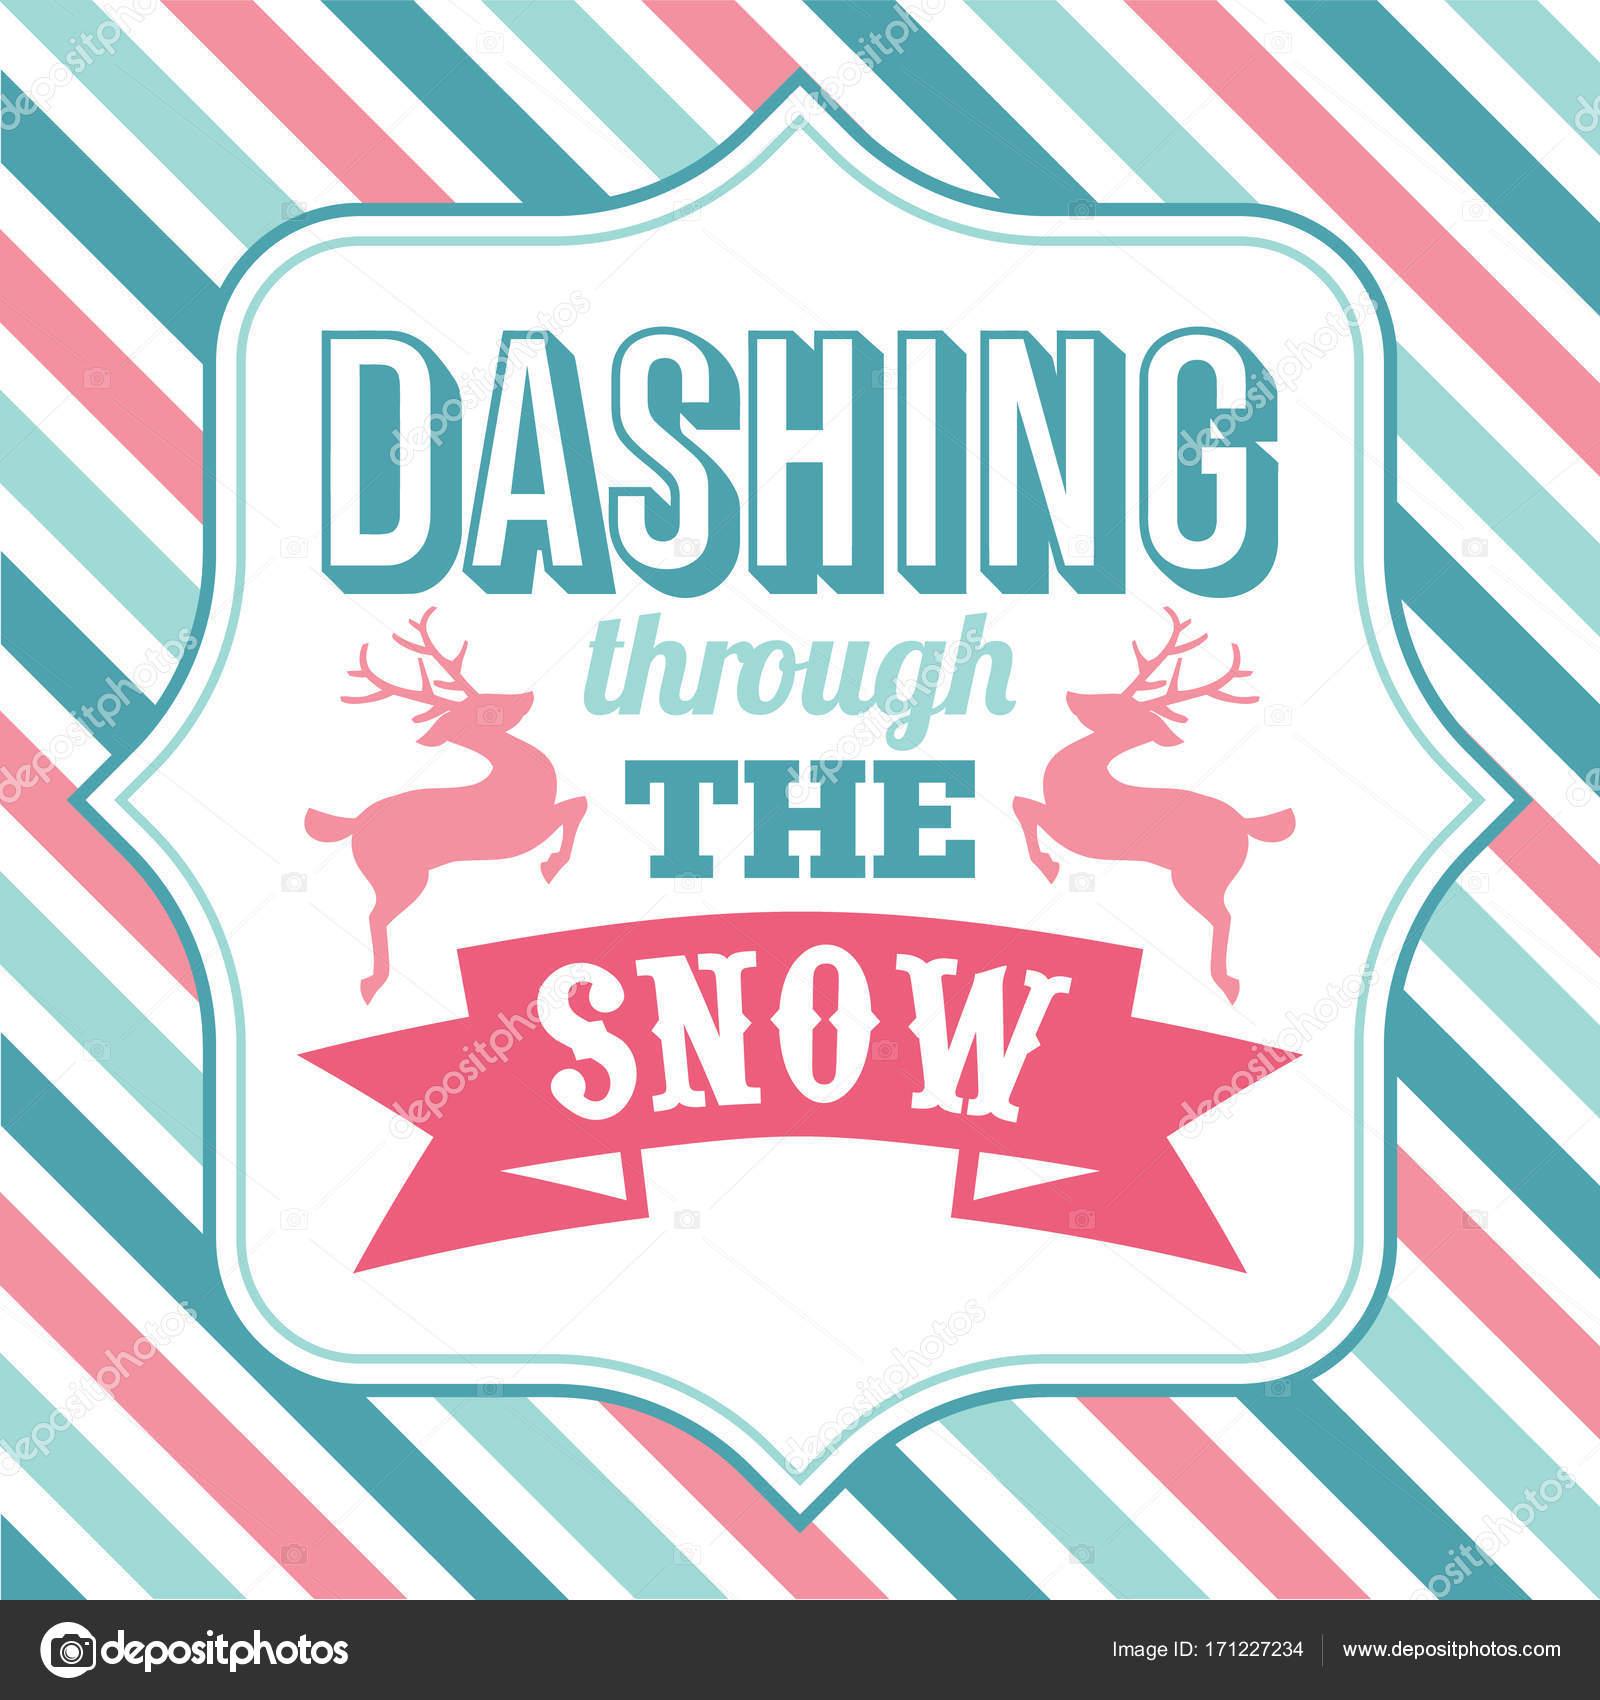 Schneidigen durch den Schnee Weihnachten Sprüche Wort Kunst ...